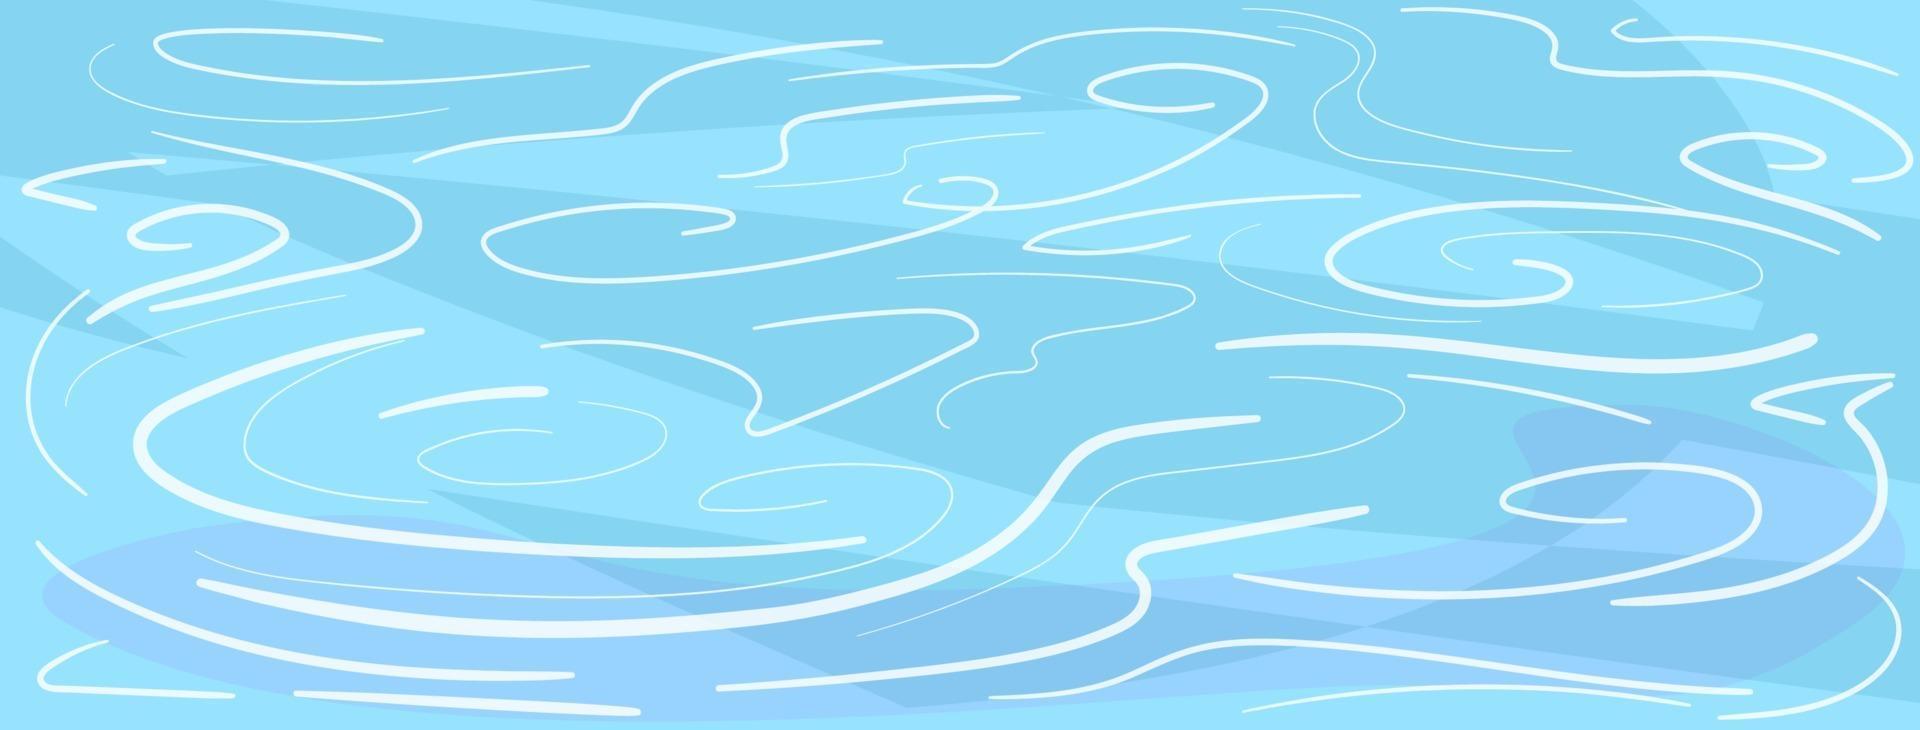 Eisbahn Hintergrund mit Markierungen von Skating und Hockey zerkratzten Linien. blaue Fahnenschablone mit abstraktem Eismuster. Winterhintergrund. horizontales Konzept der kalten Jahreszeit. Seitenansicht. Vektorillustration. vektor